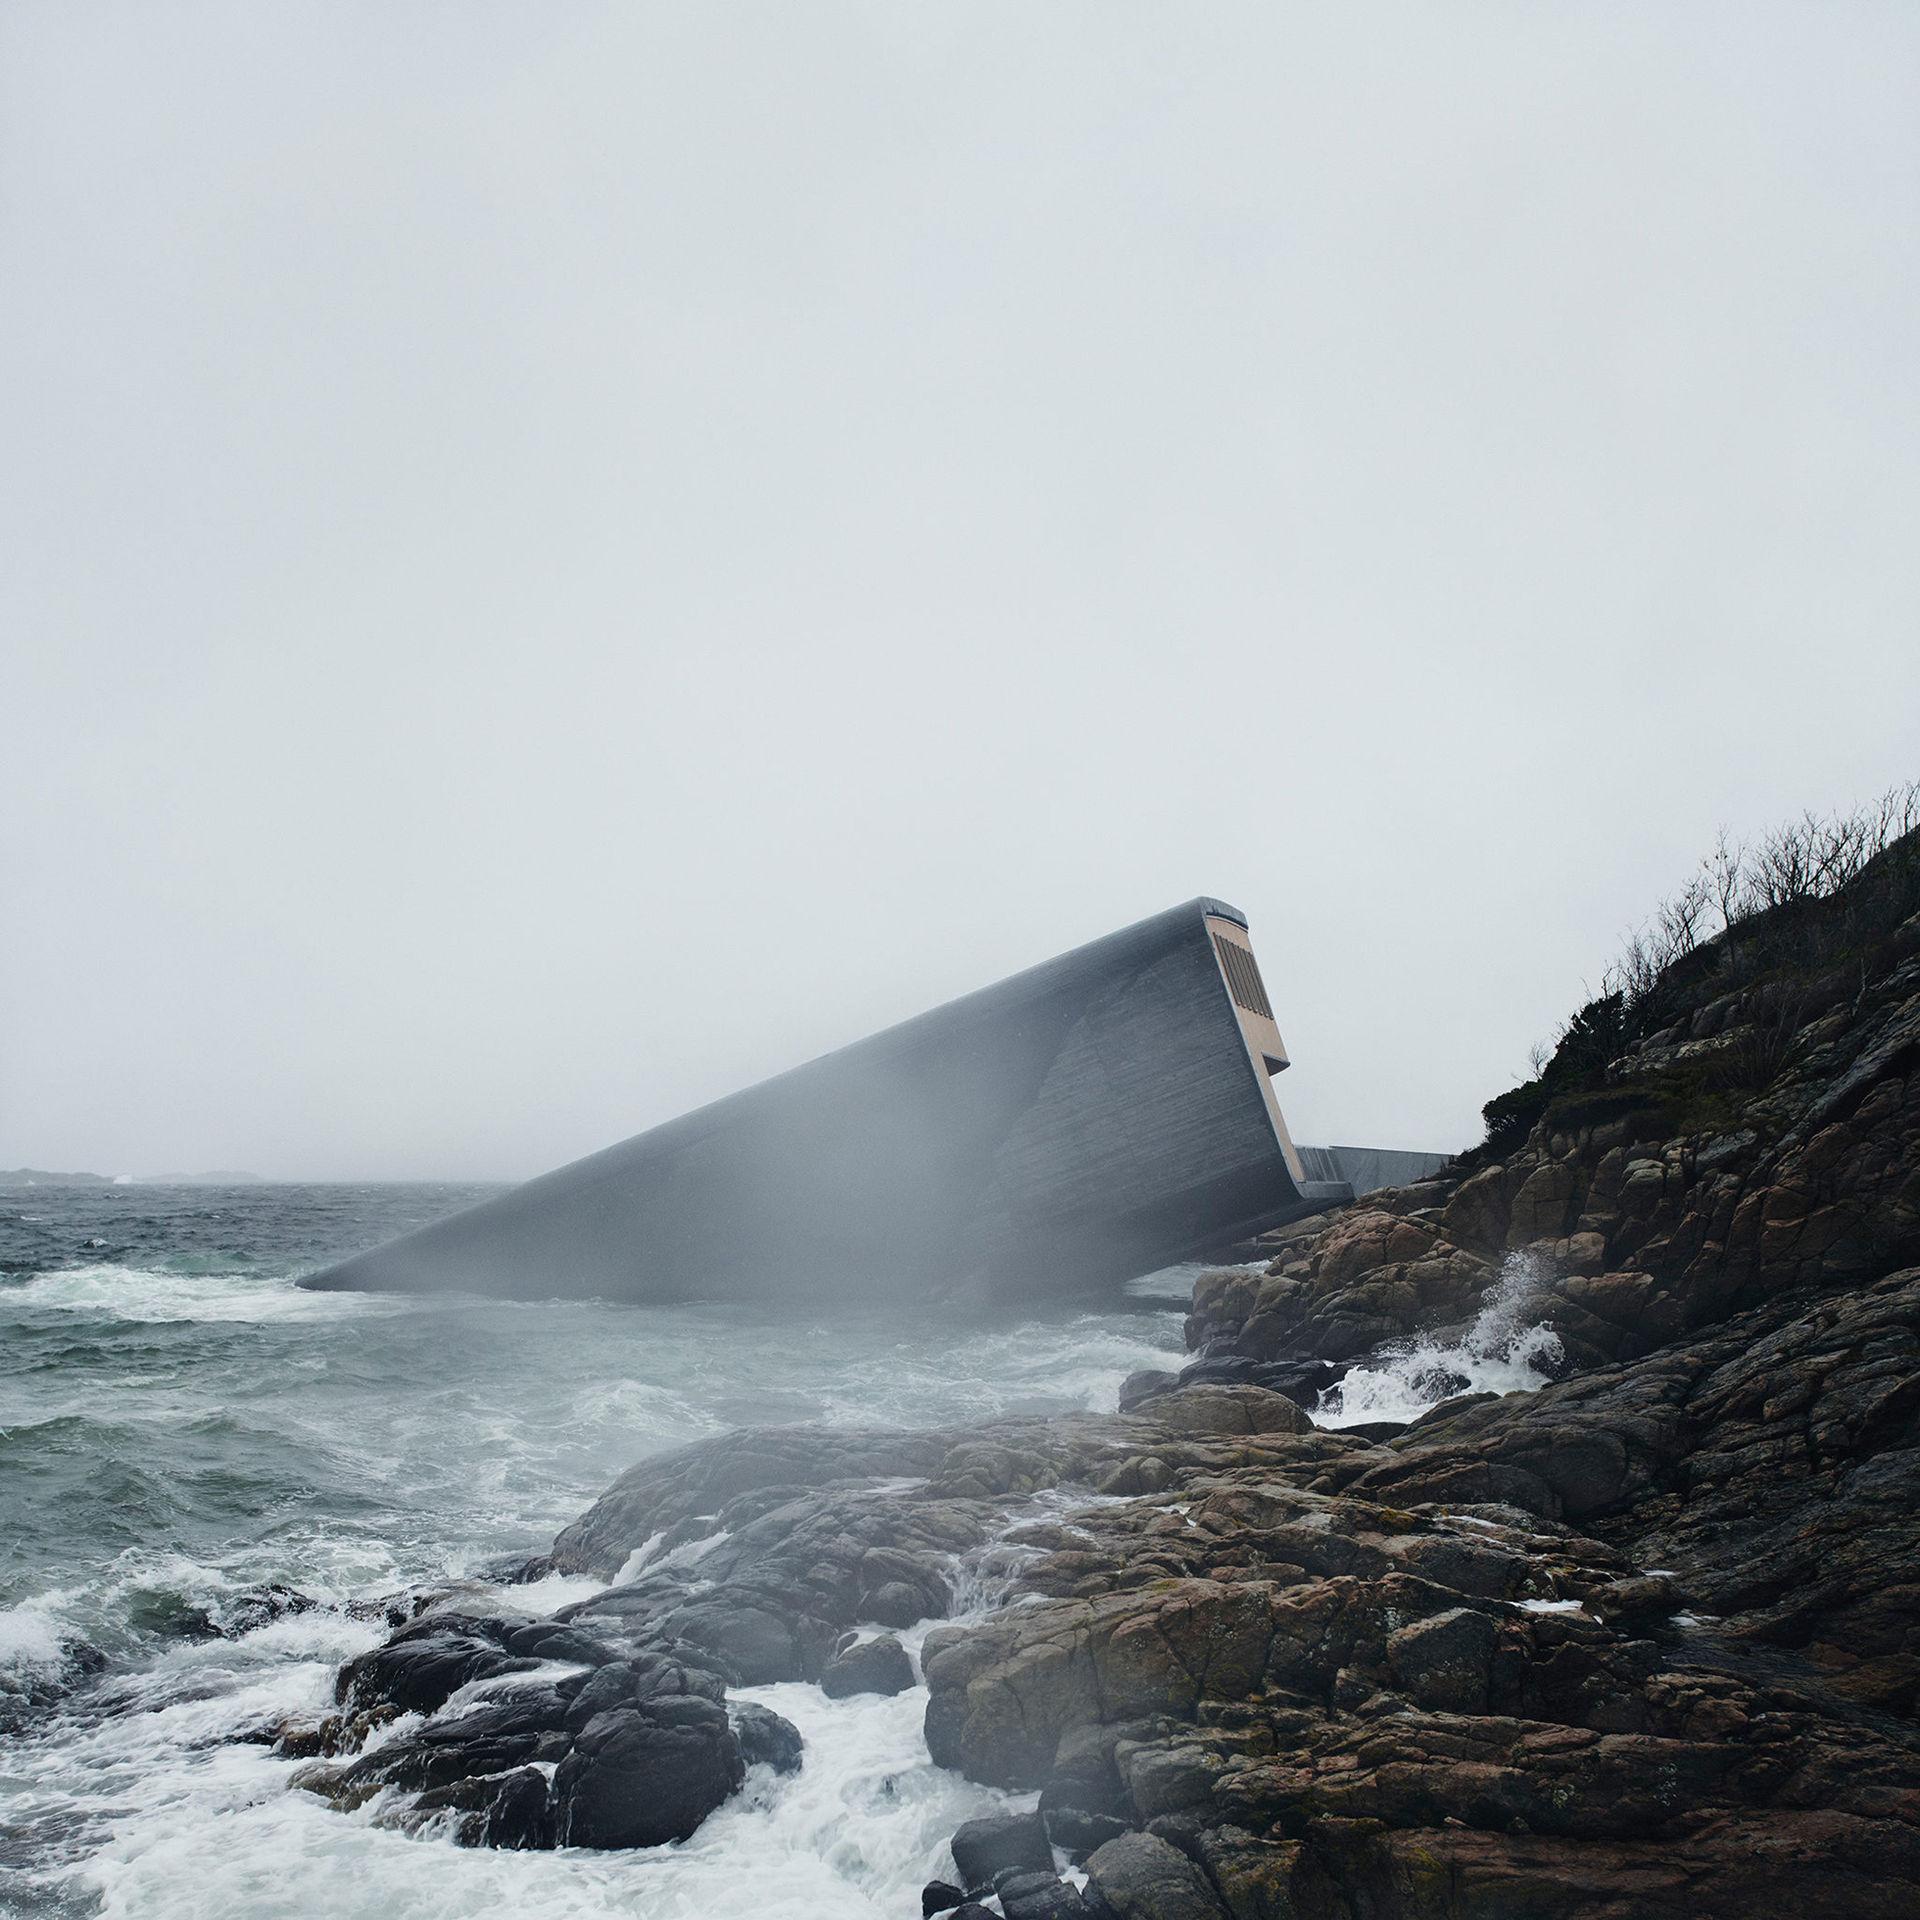 Undervattensrestaurangen i Norge har öppnat